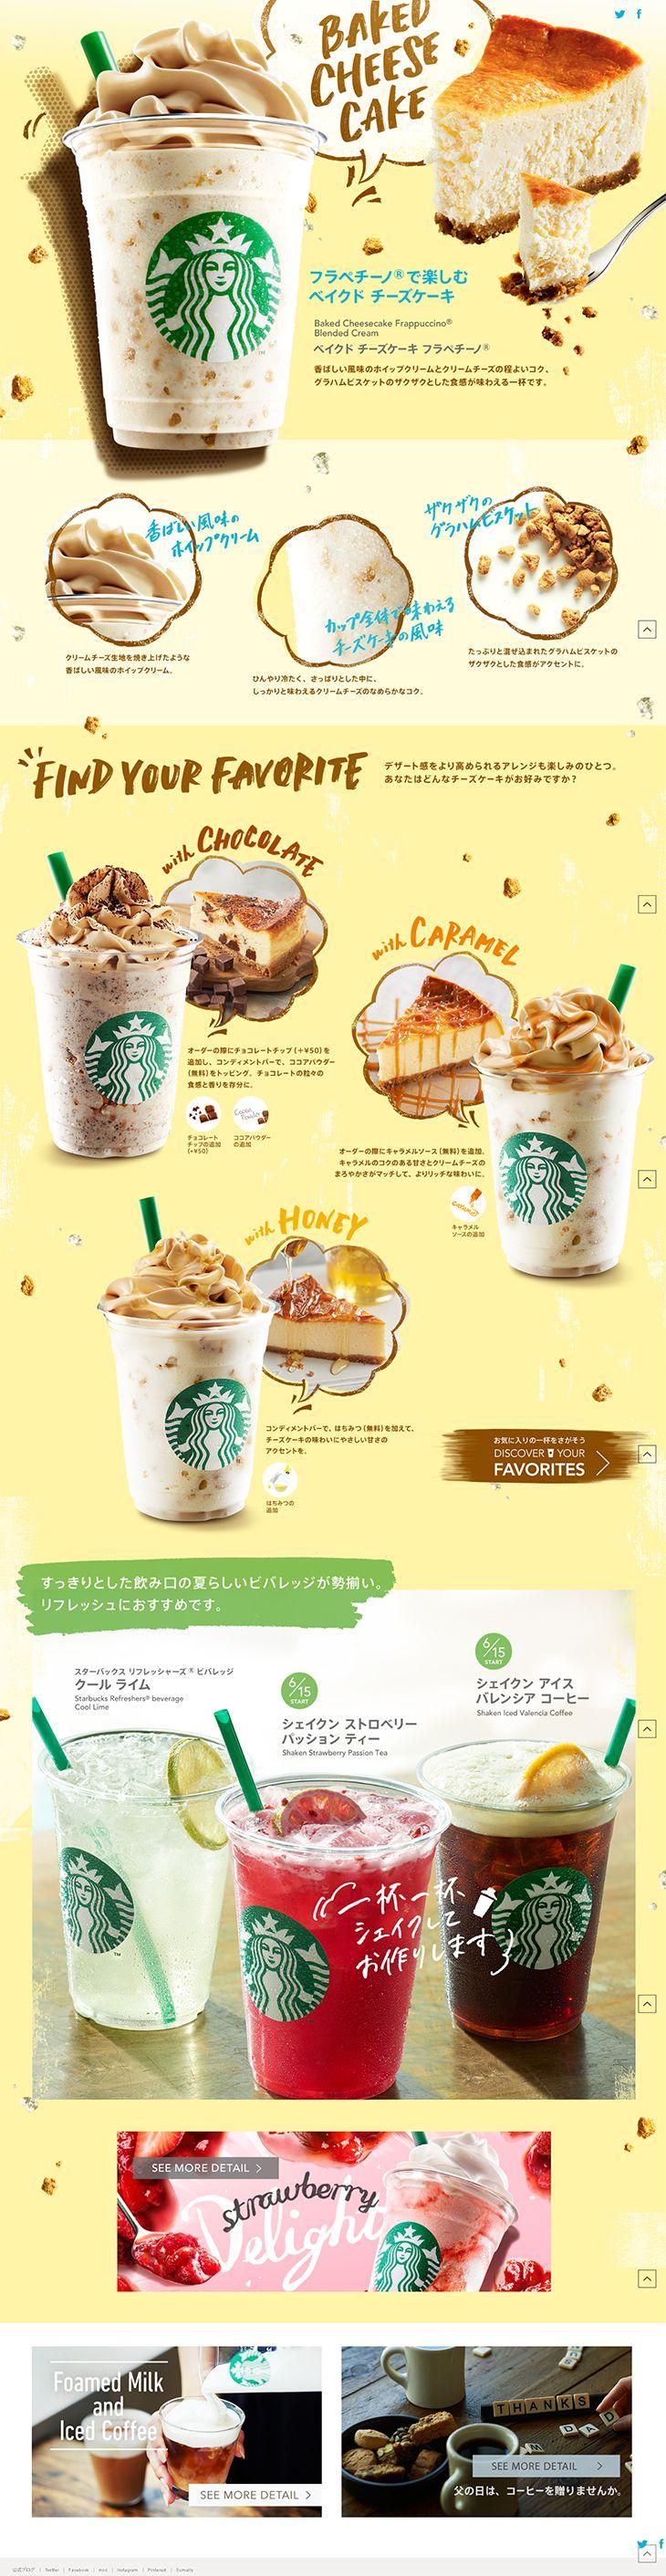 ベイクドチーズケーキフラペチーノhttp://www.starbucks.co.jp/cafe/?nid=crm_010_pc